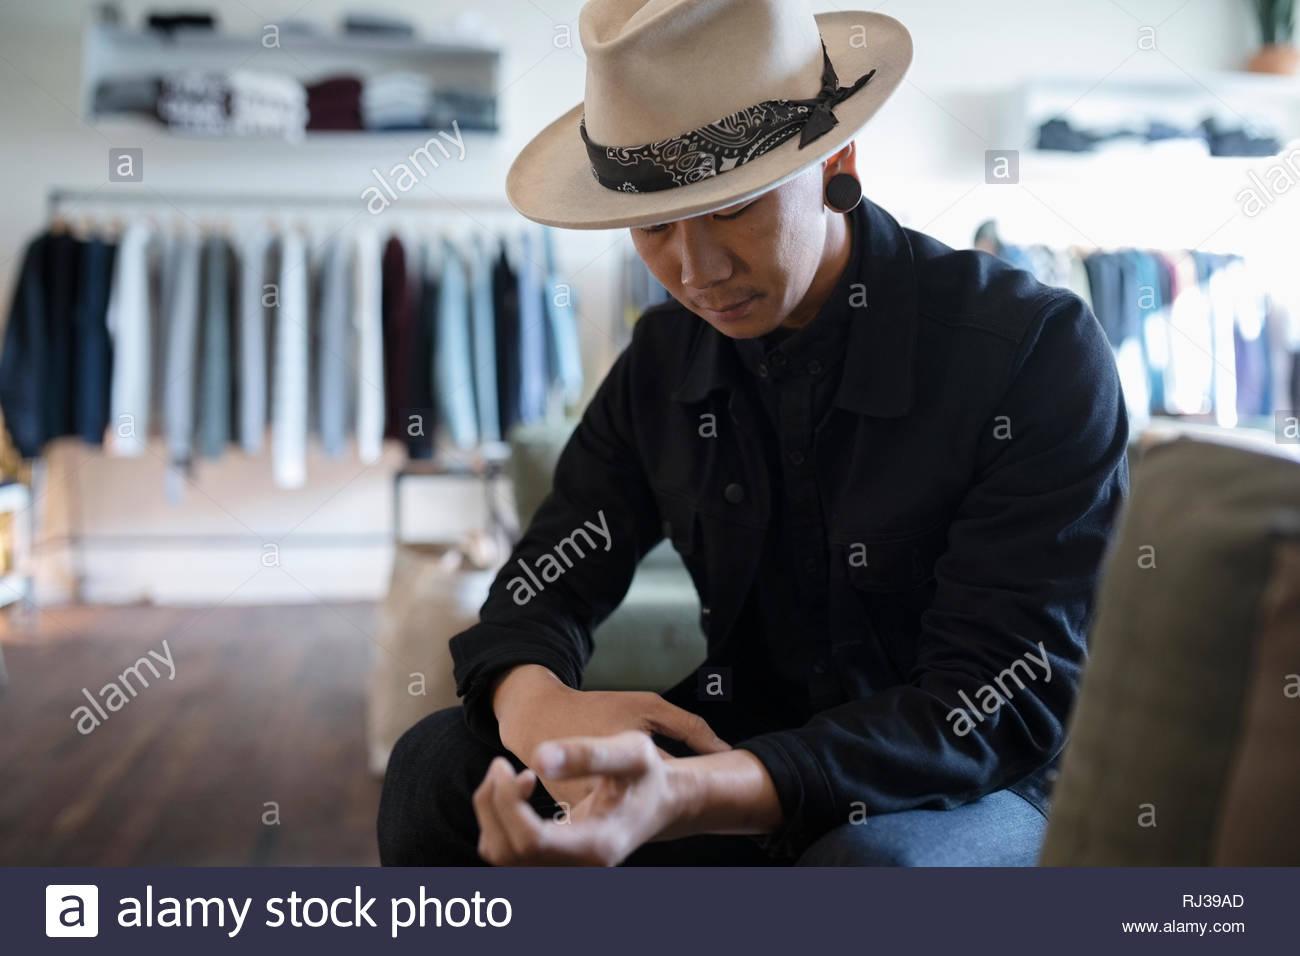 Elegante uomo in abbigliamento uomo negozio di abbigliamento Immagini Stock